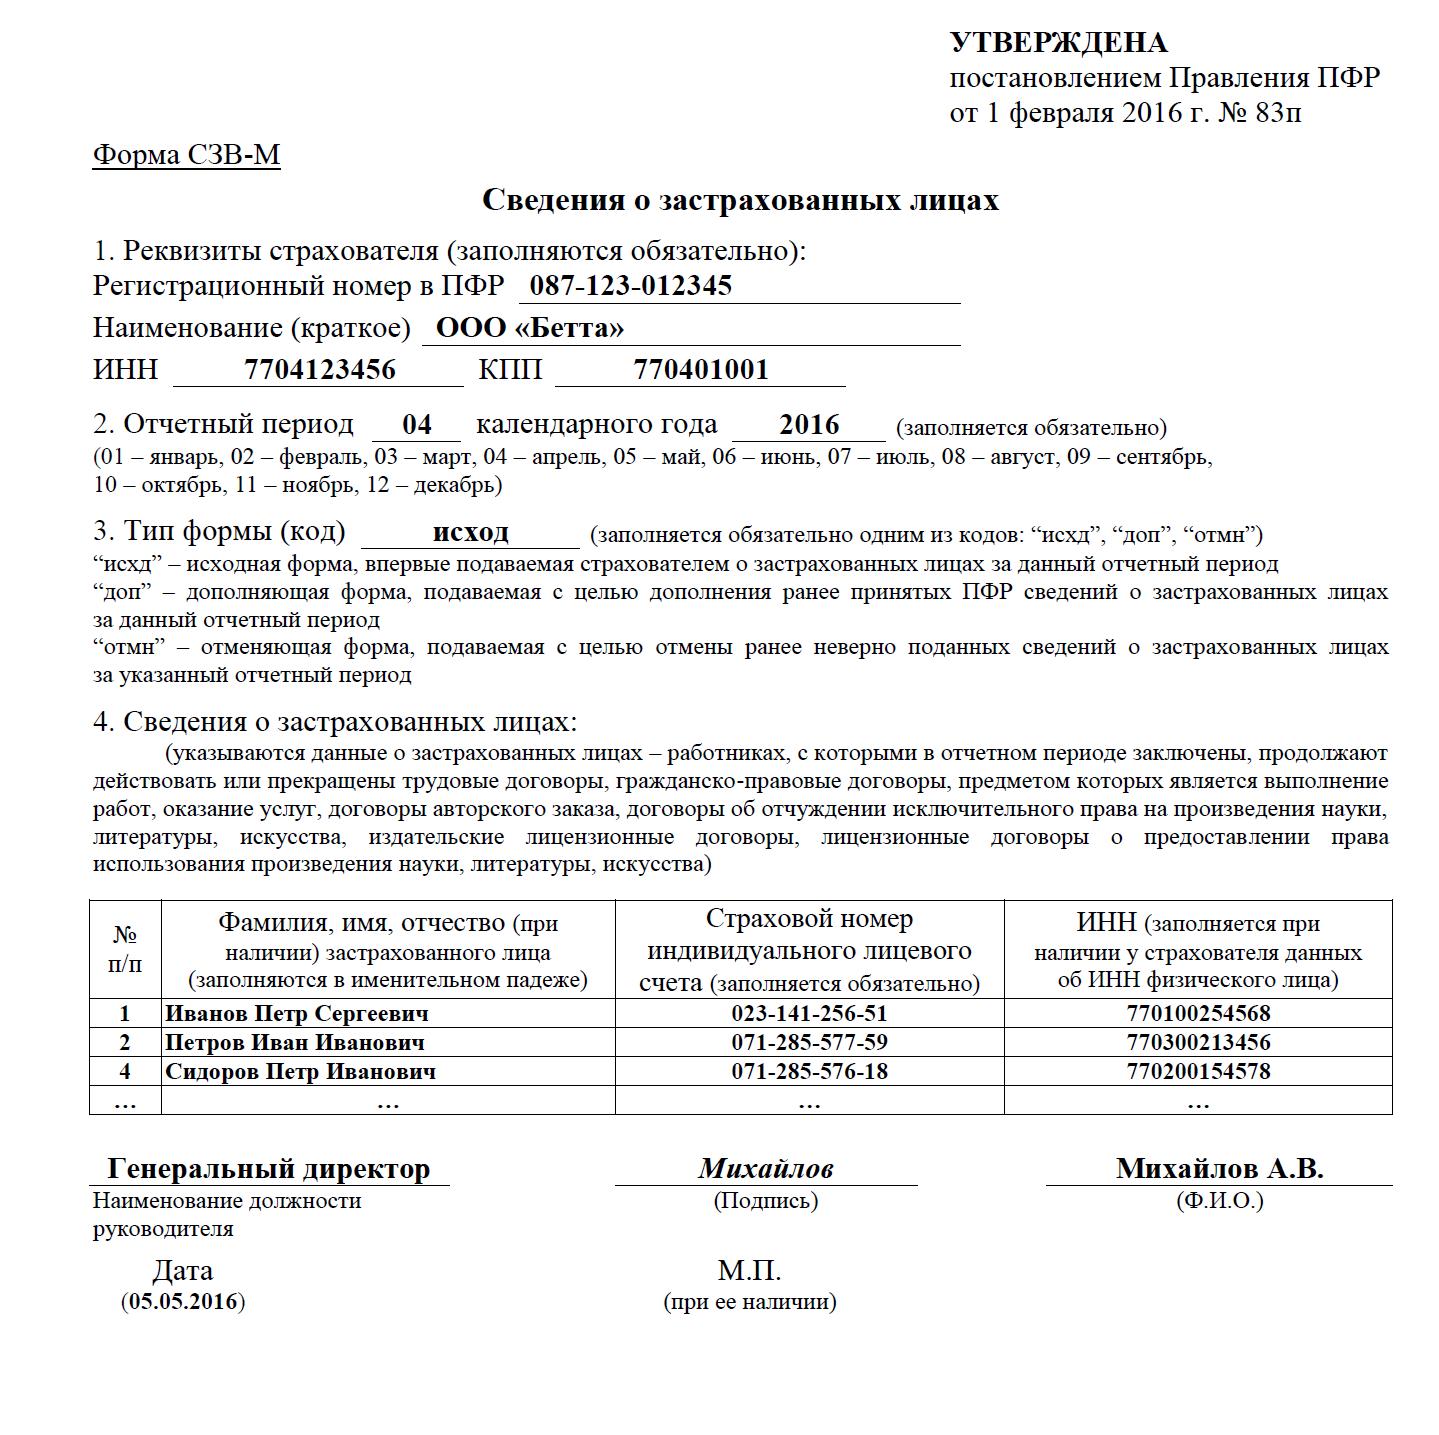 Ежемесячная отчетность в ПФР: образец заполнения